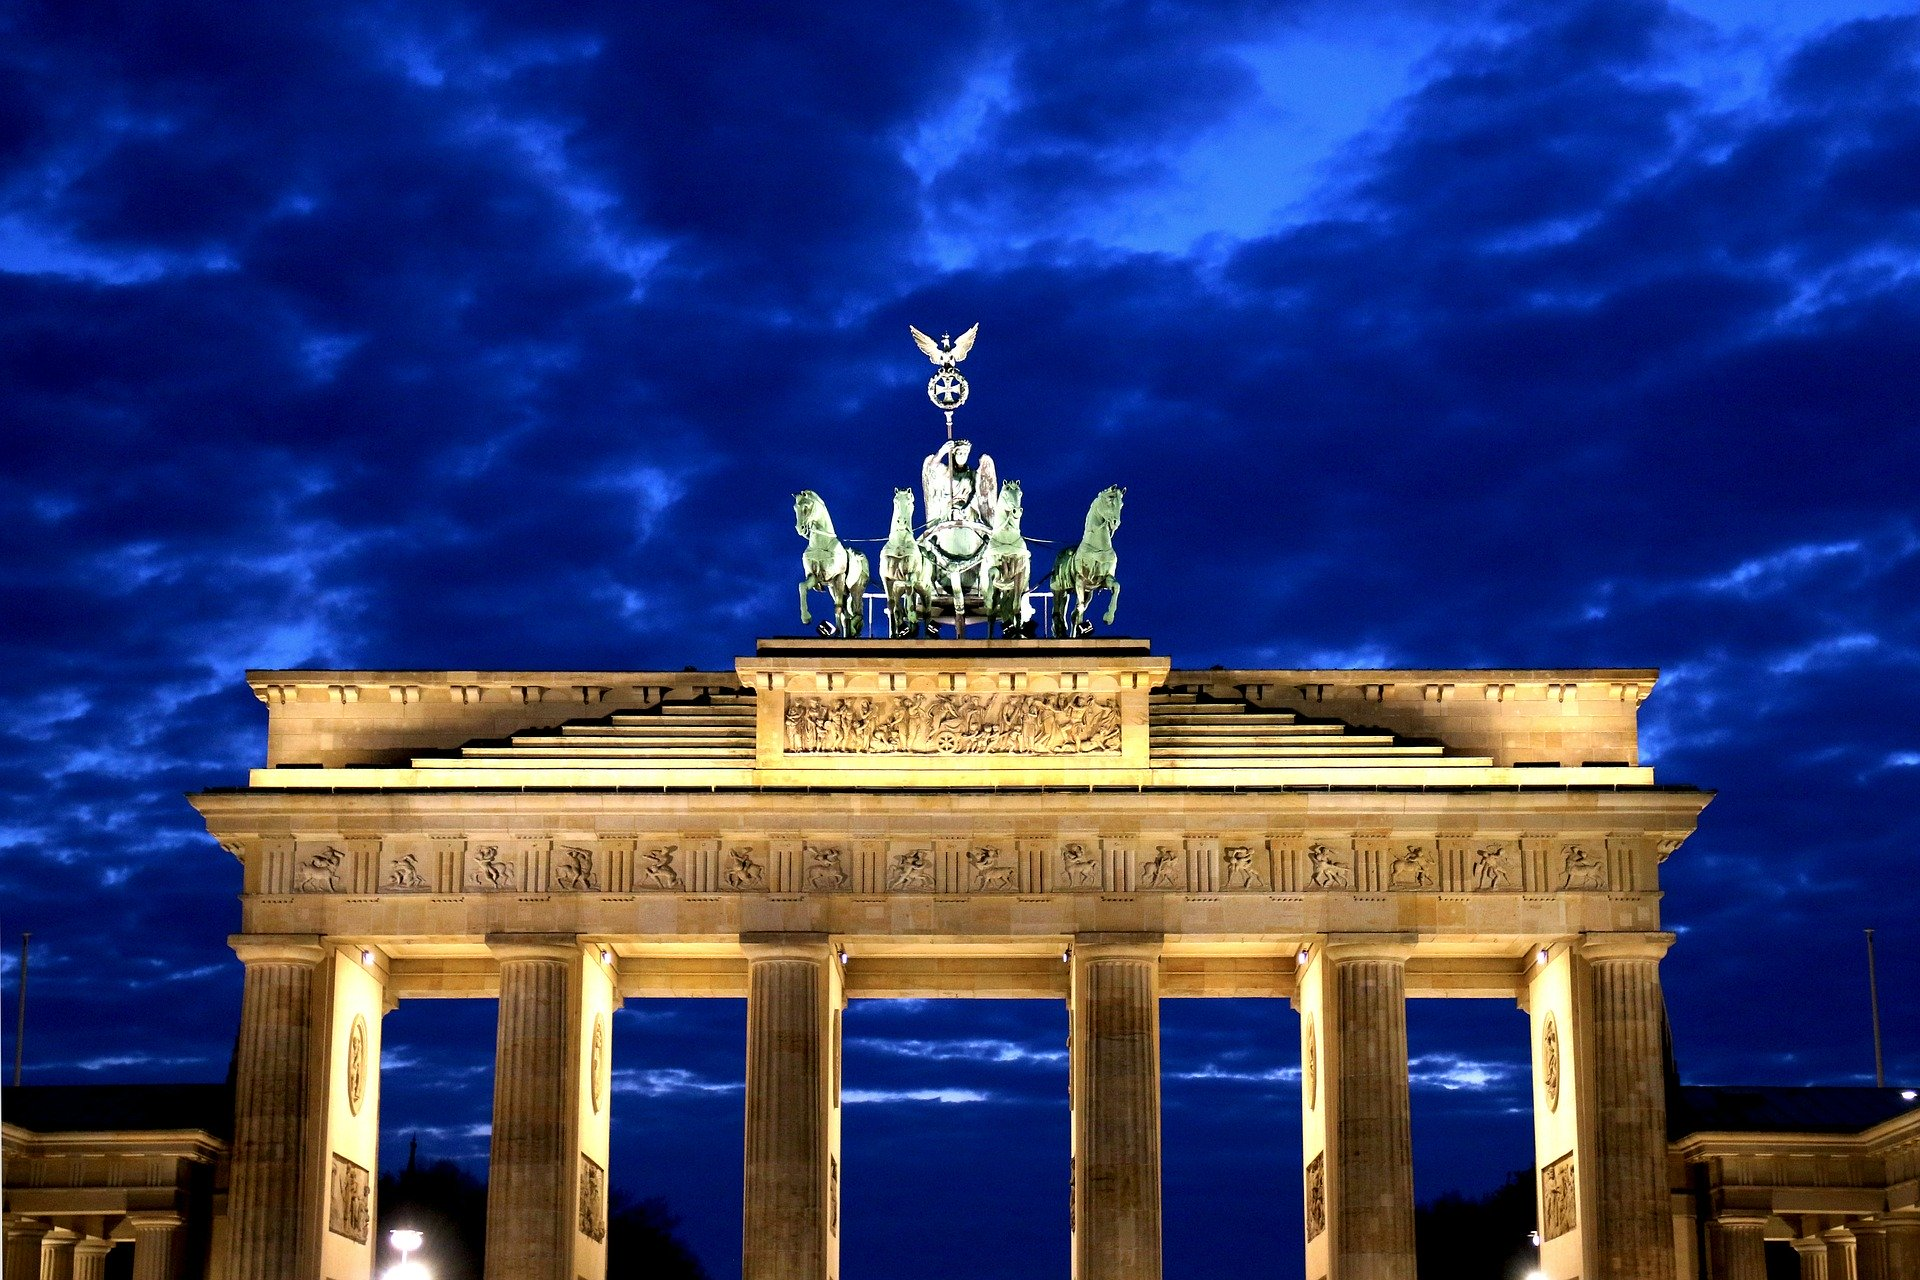 Alberghi economici Berlino centro